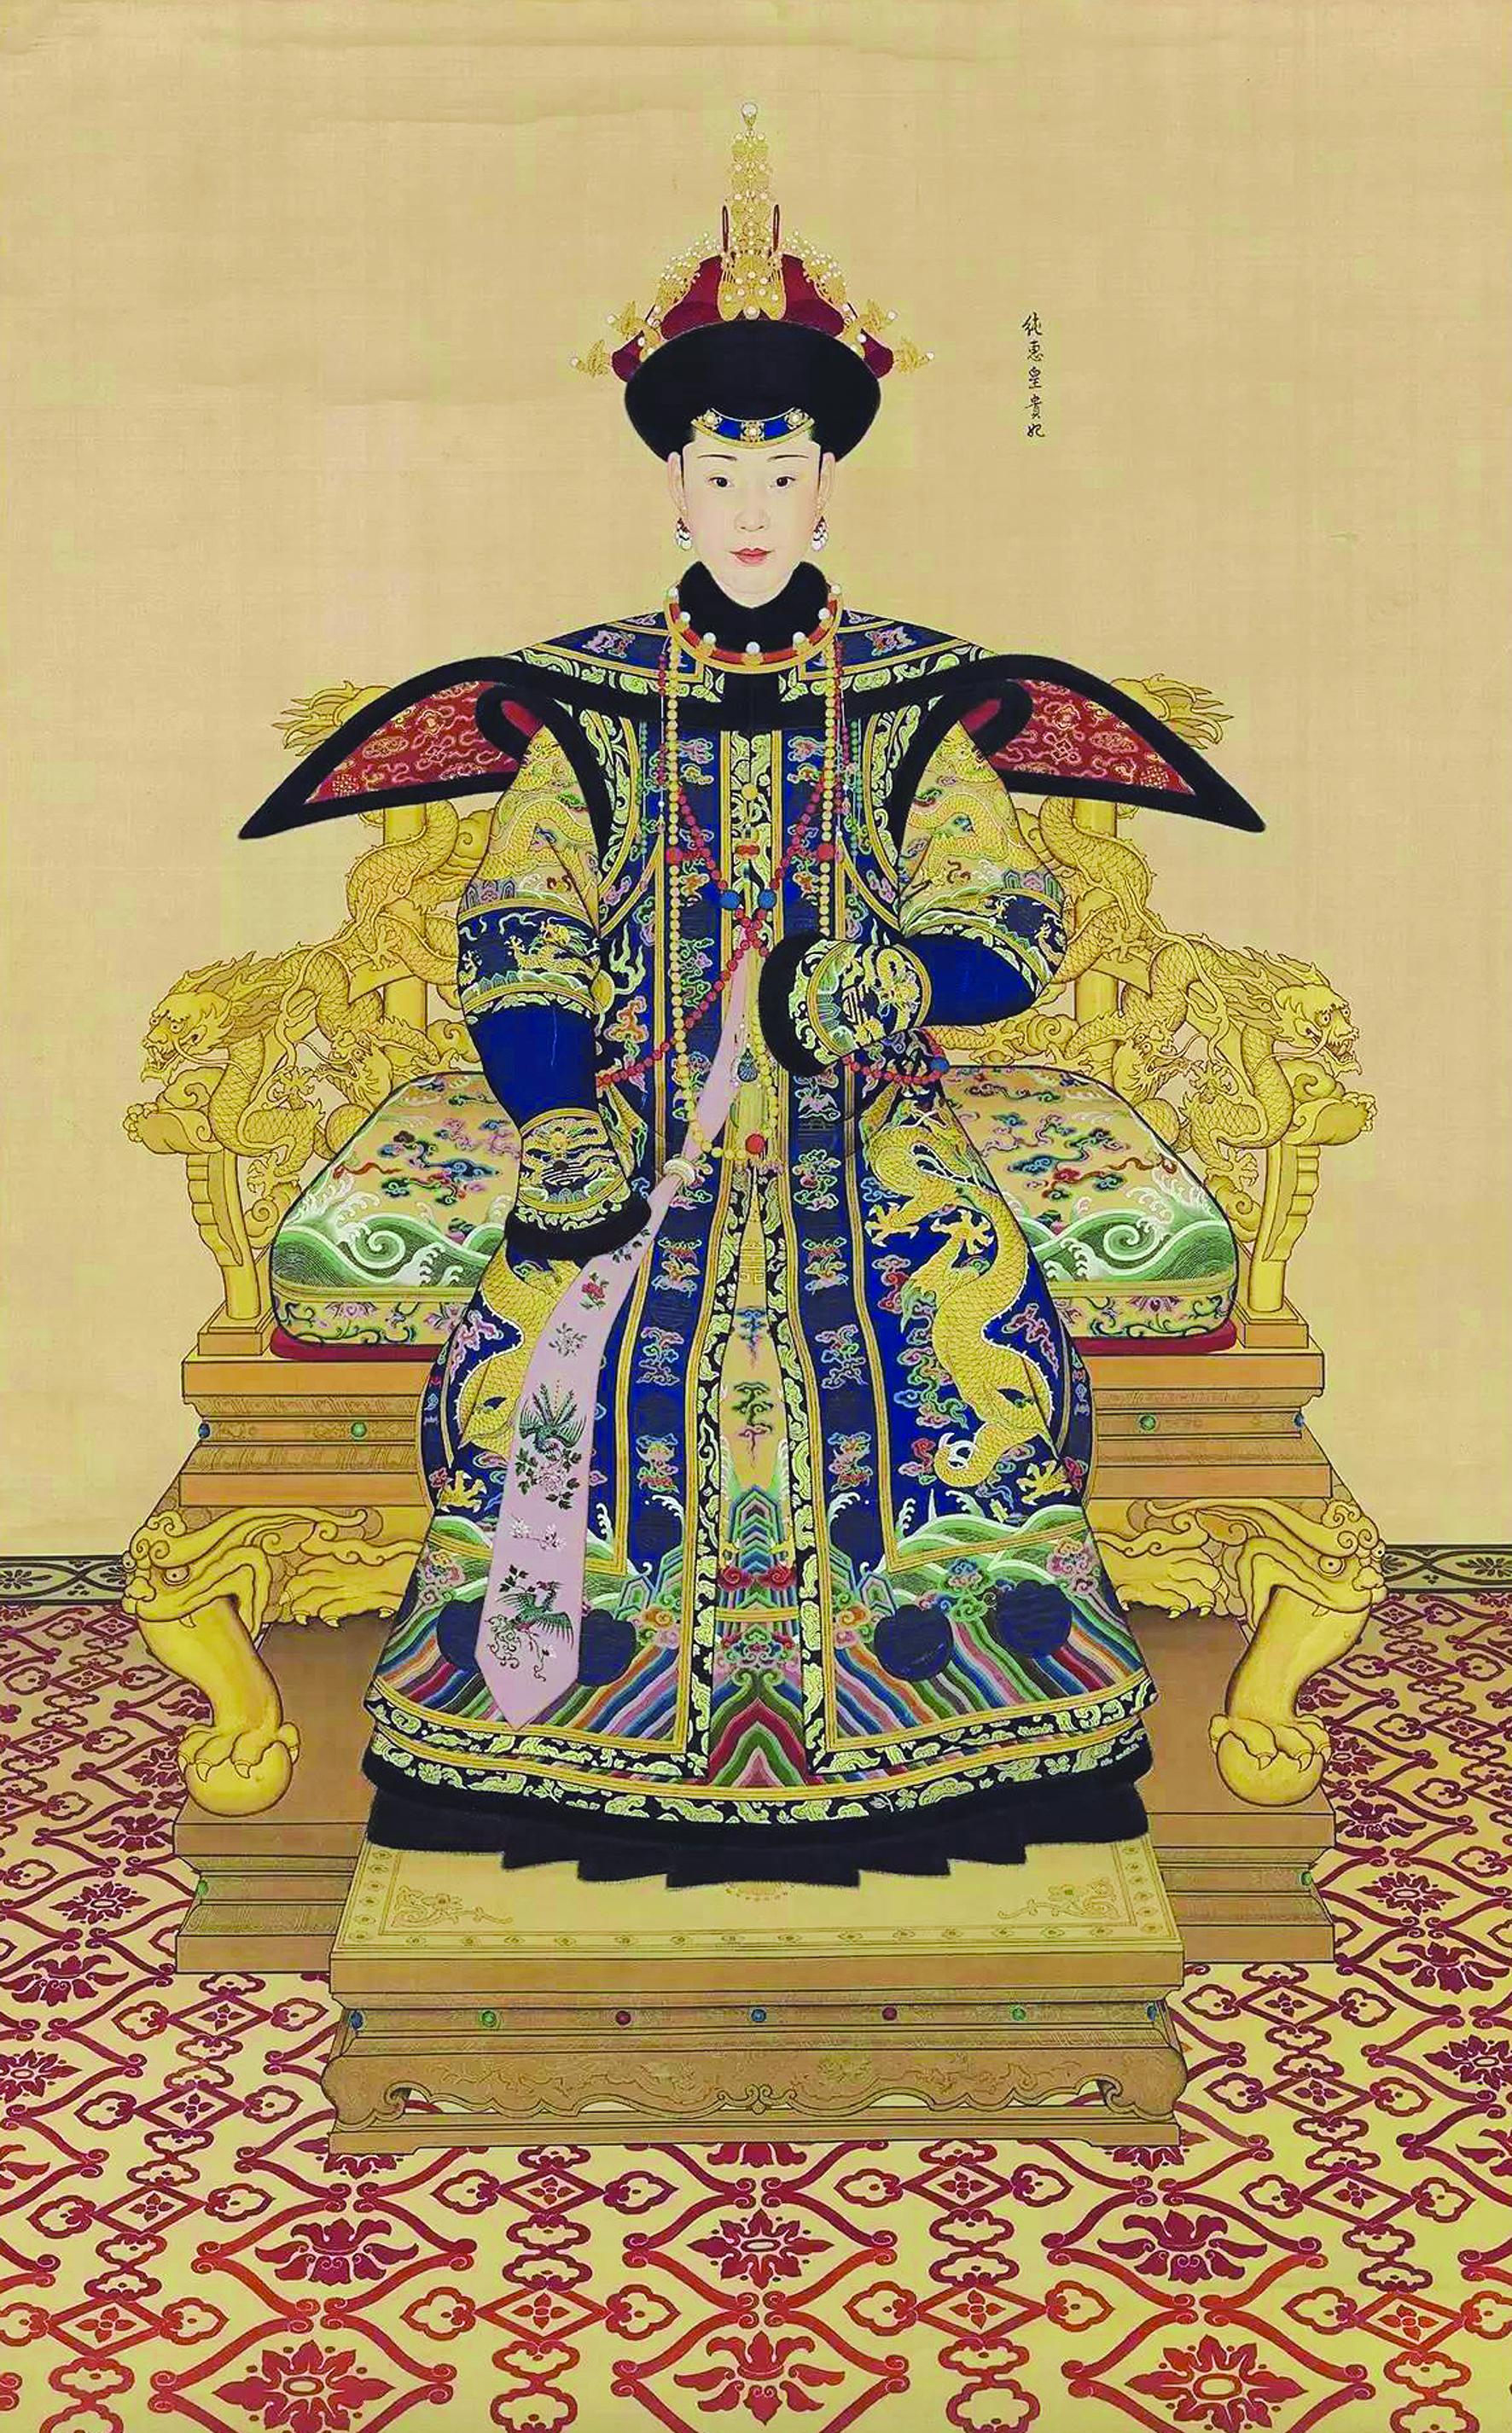 郎世宁《纯惠皇贵妃朝服像》